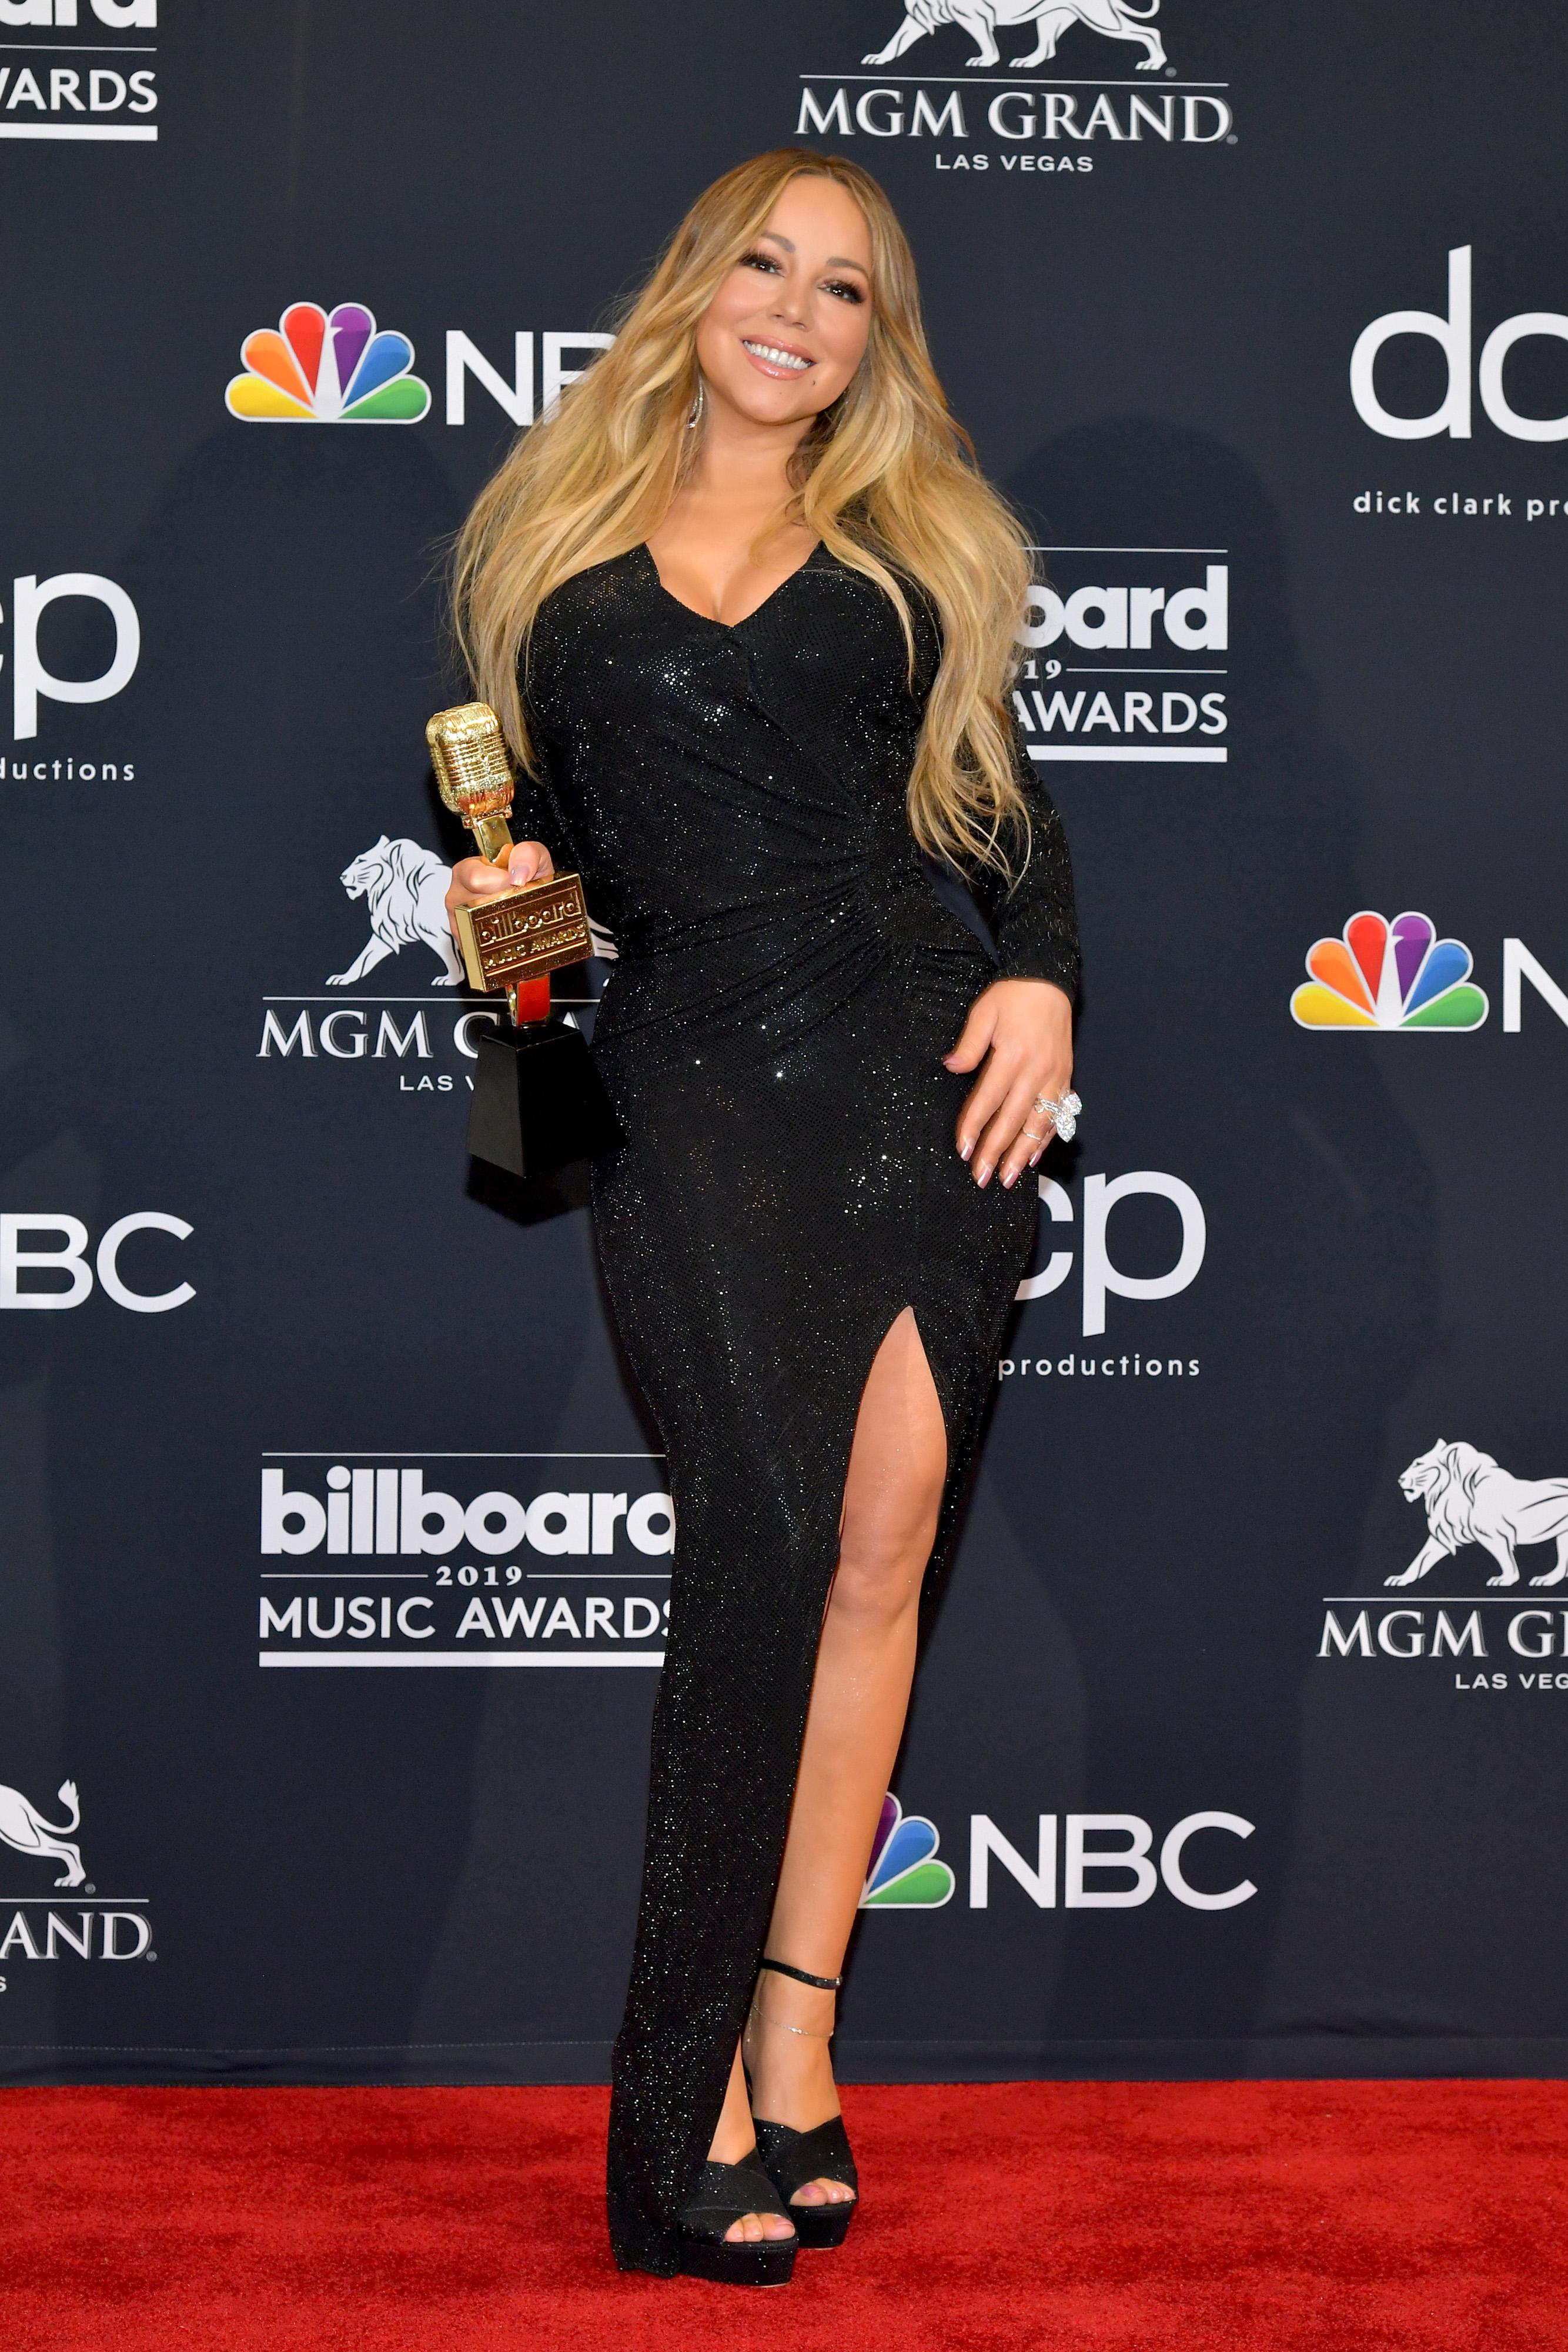 Марая Кери получи наградата Икона за цялостно творчество и беше аплодирана от близнаците си, когато изпълни микс от хитовете си.